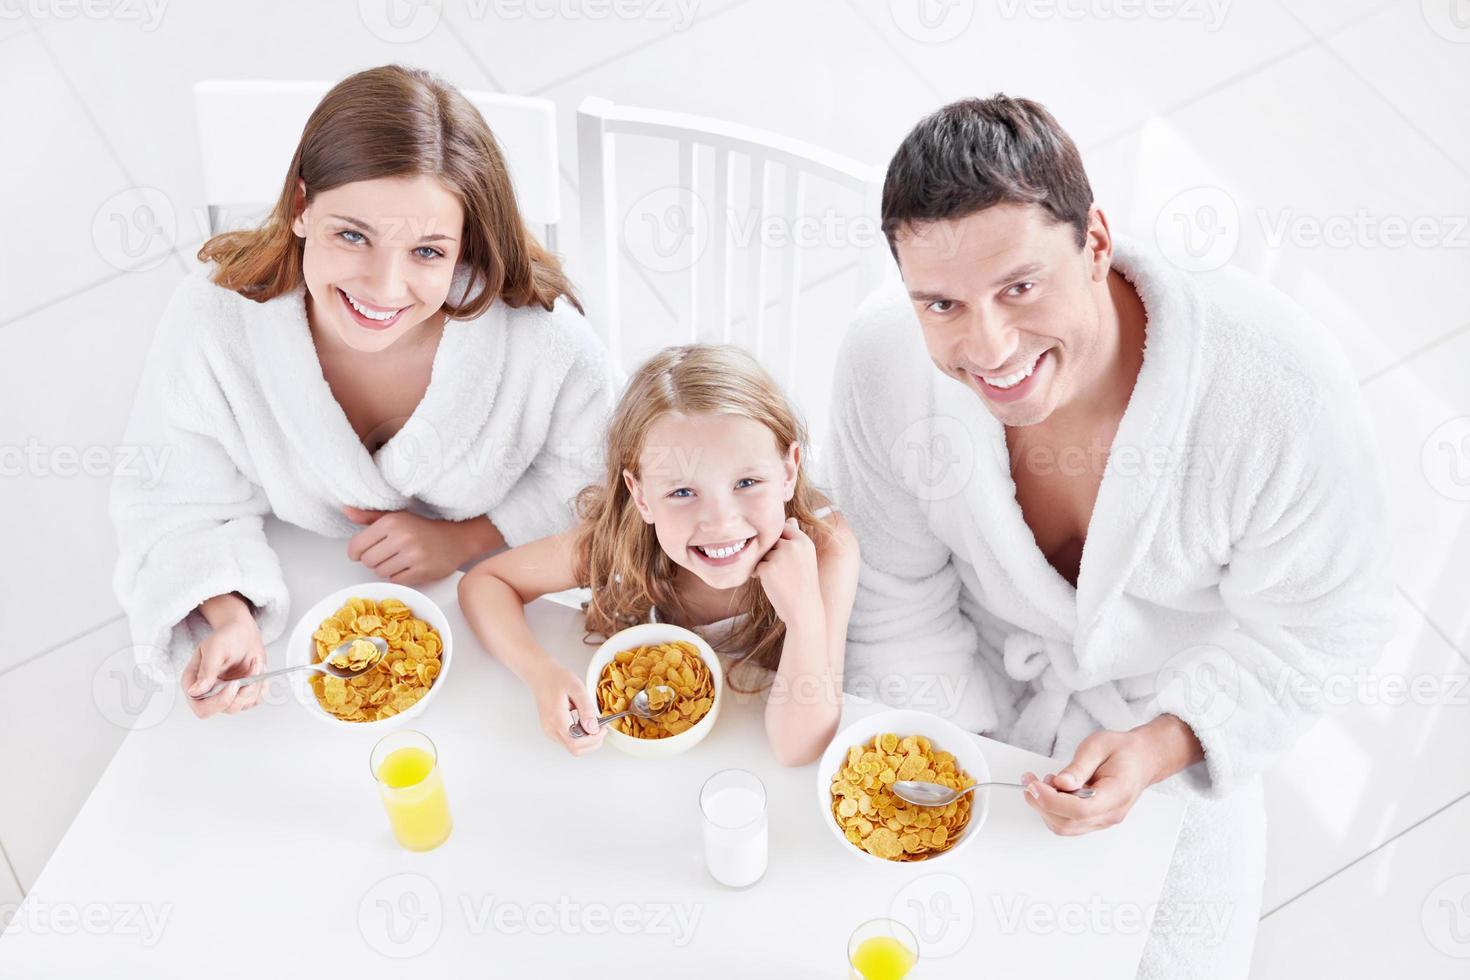 gezin met kind foto